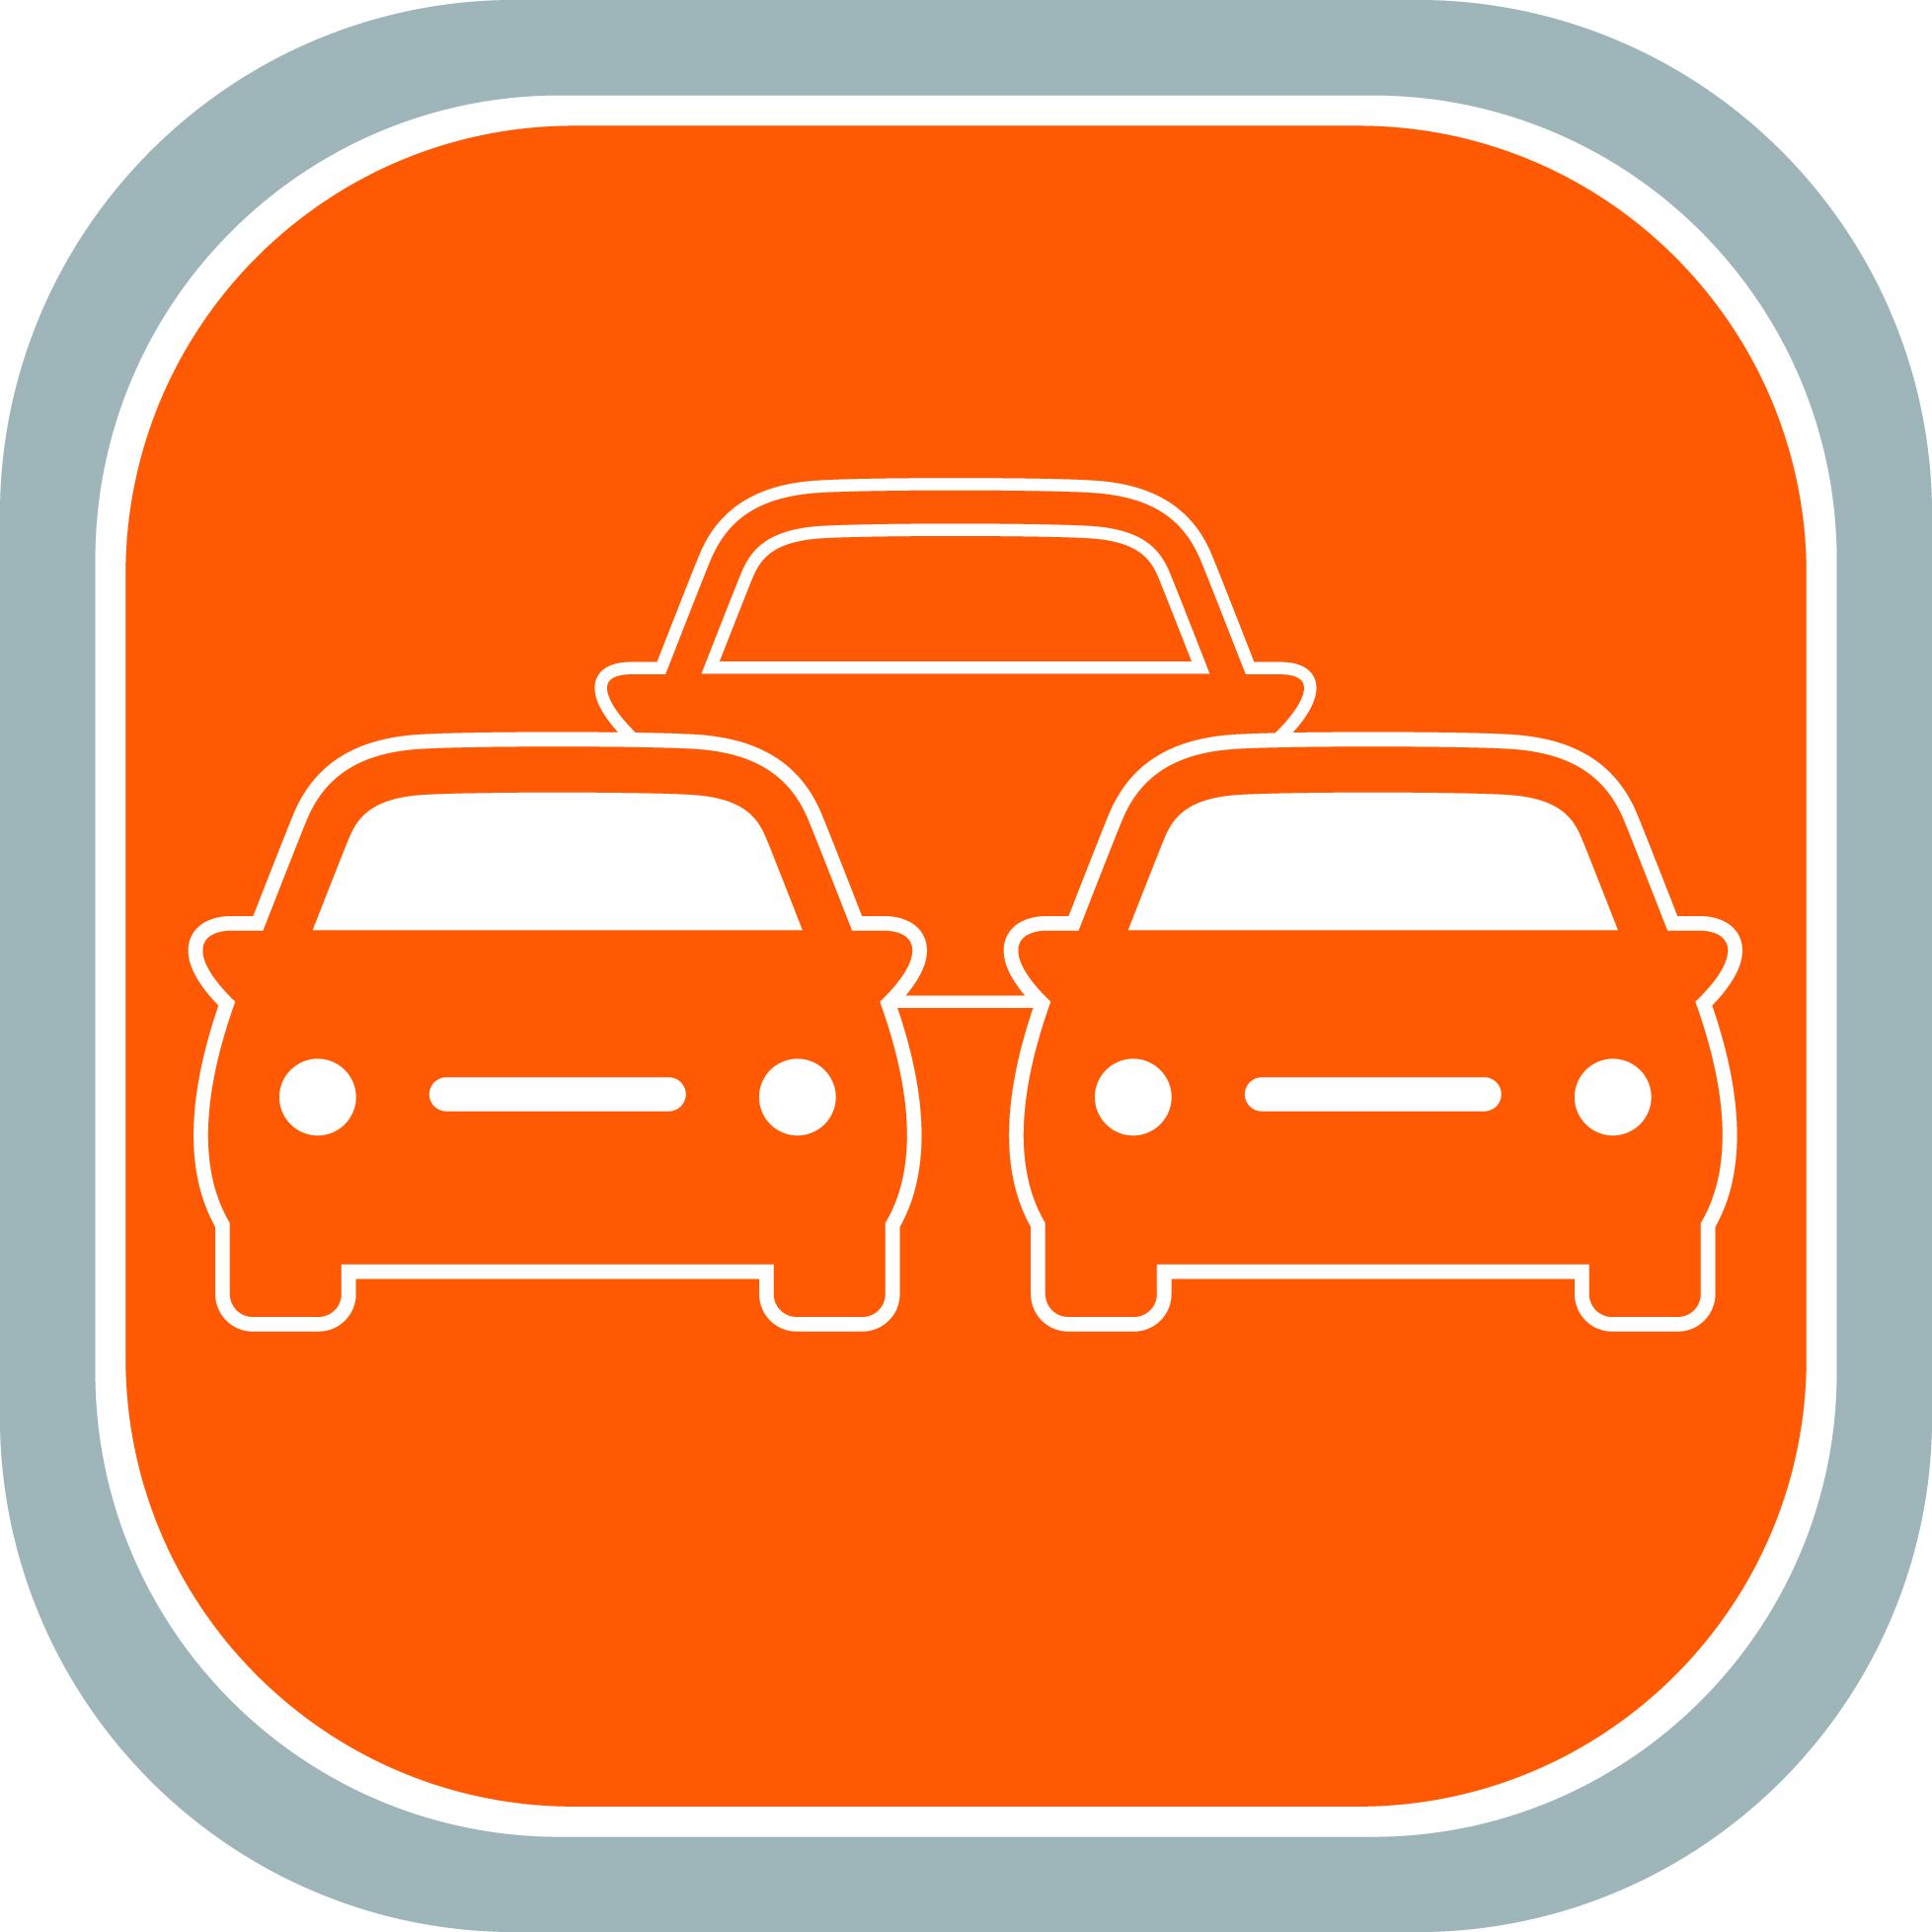 Náhradné vozidlo logo